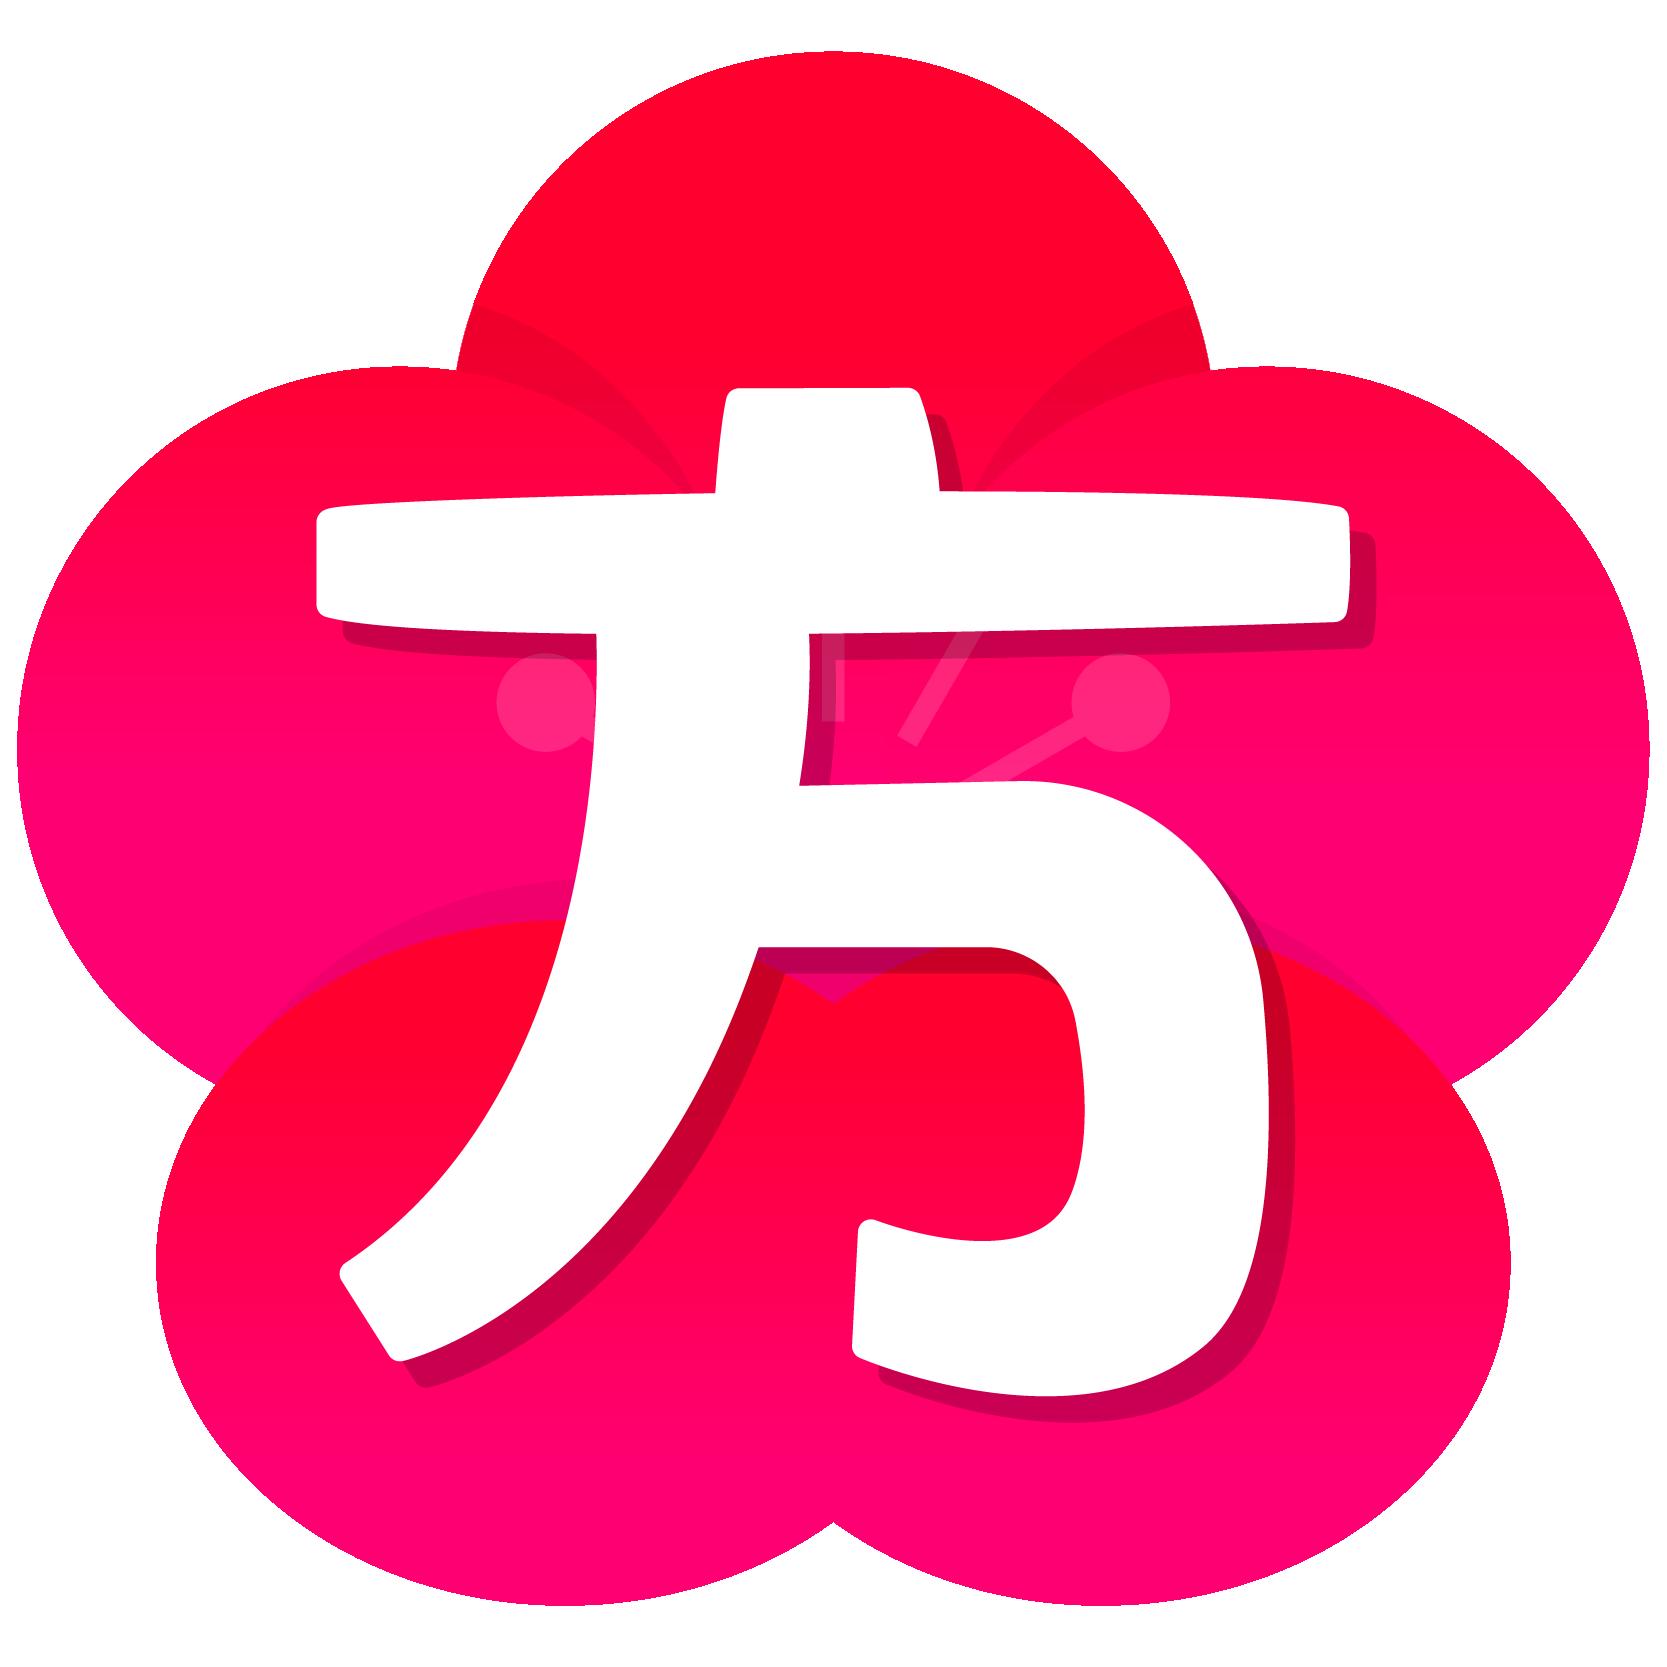 商用フリー・無料イラスト_恵方巻き文字「方」_ehou053